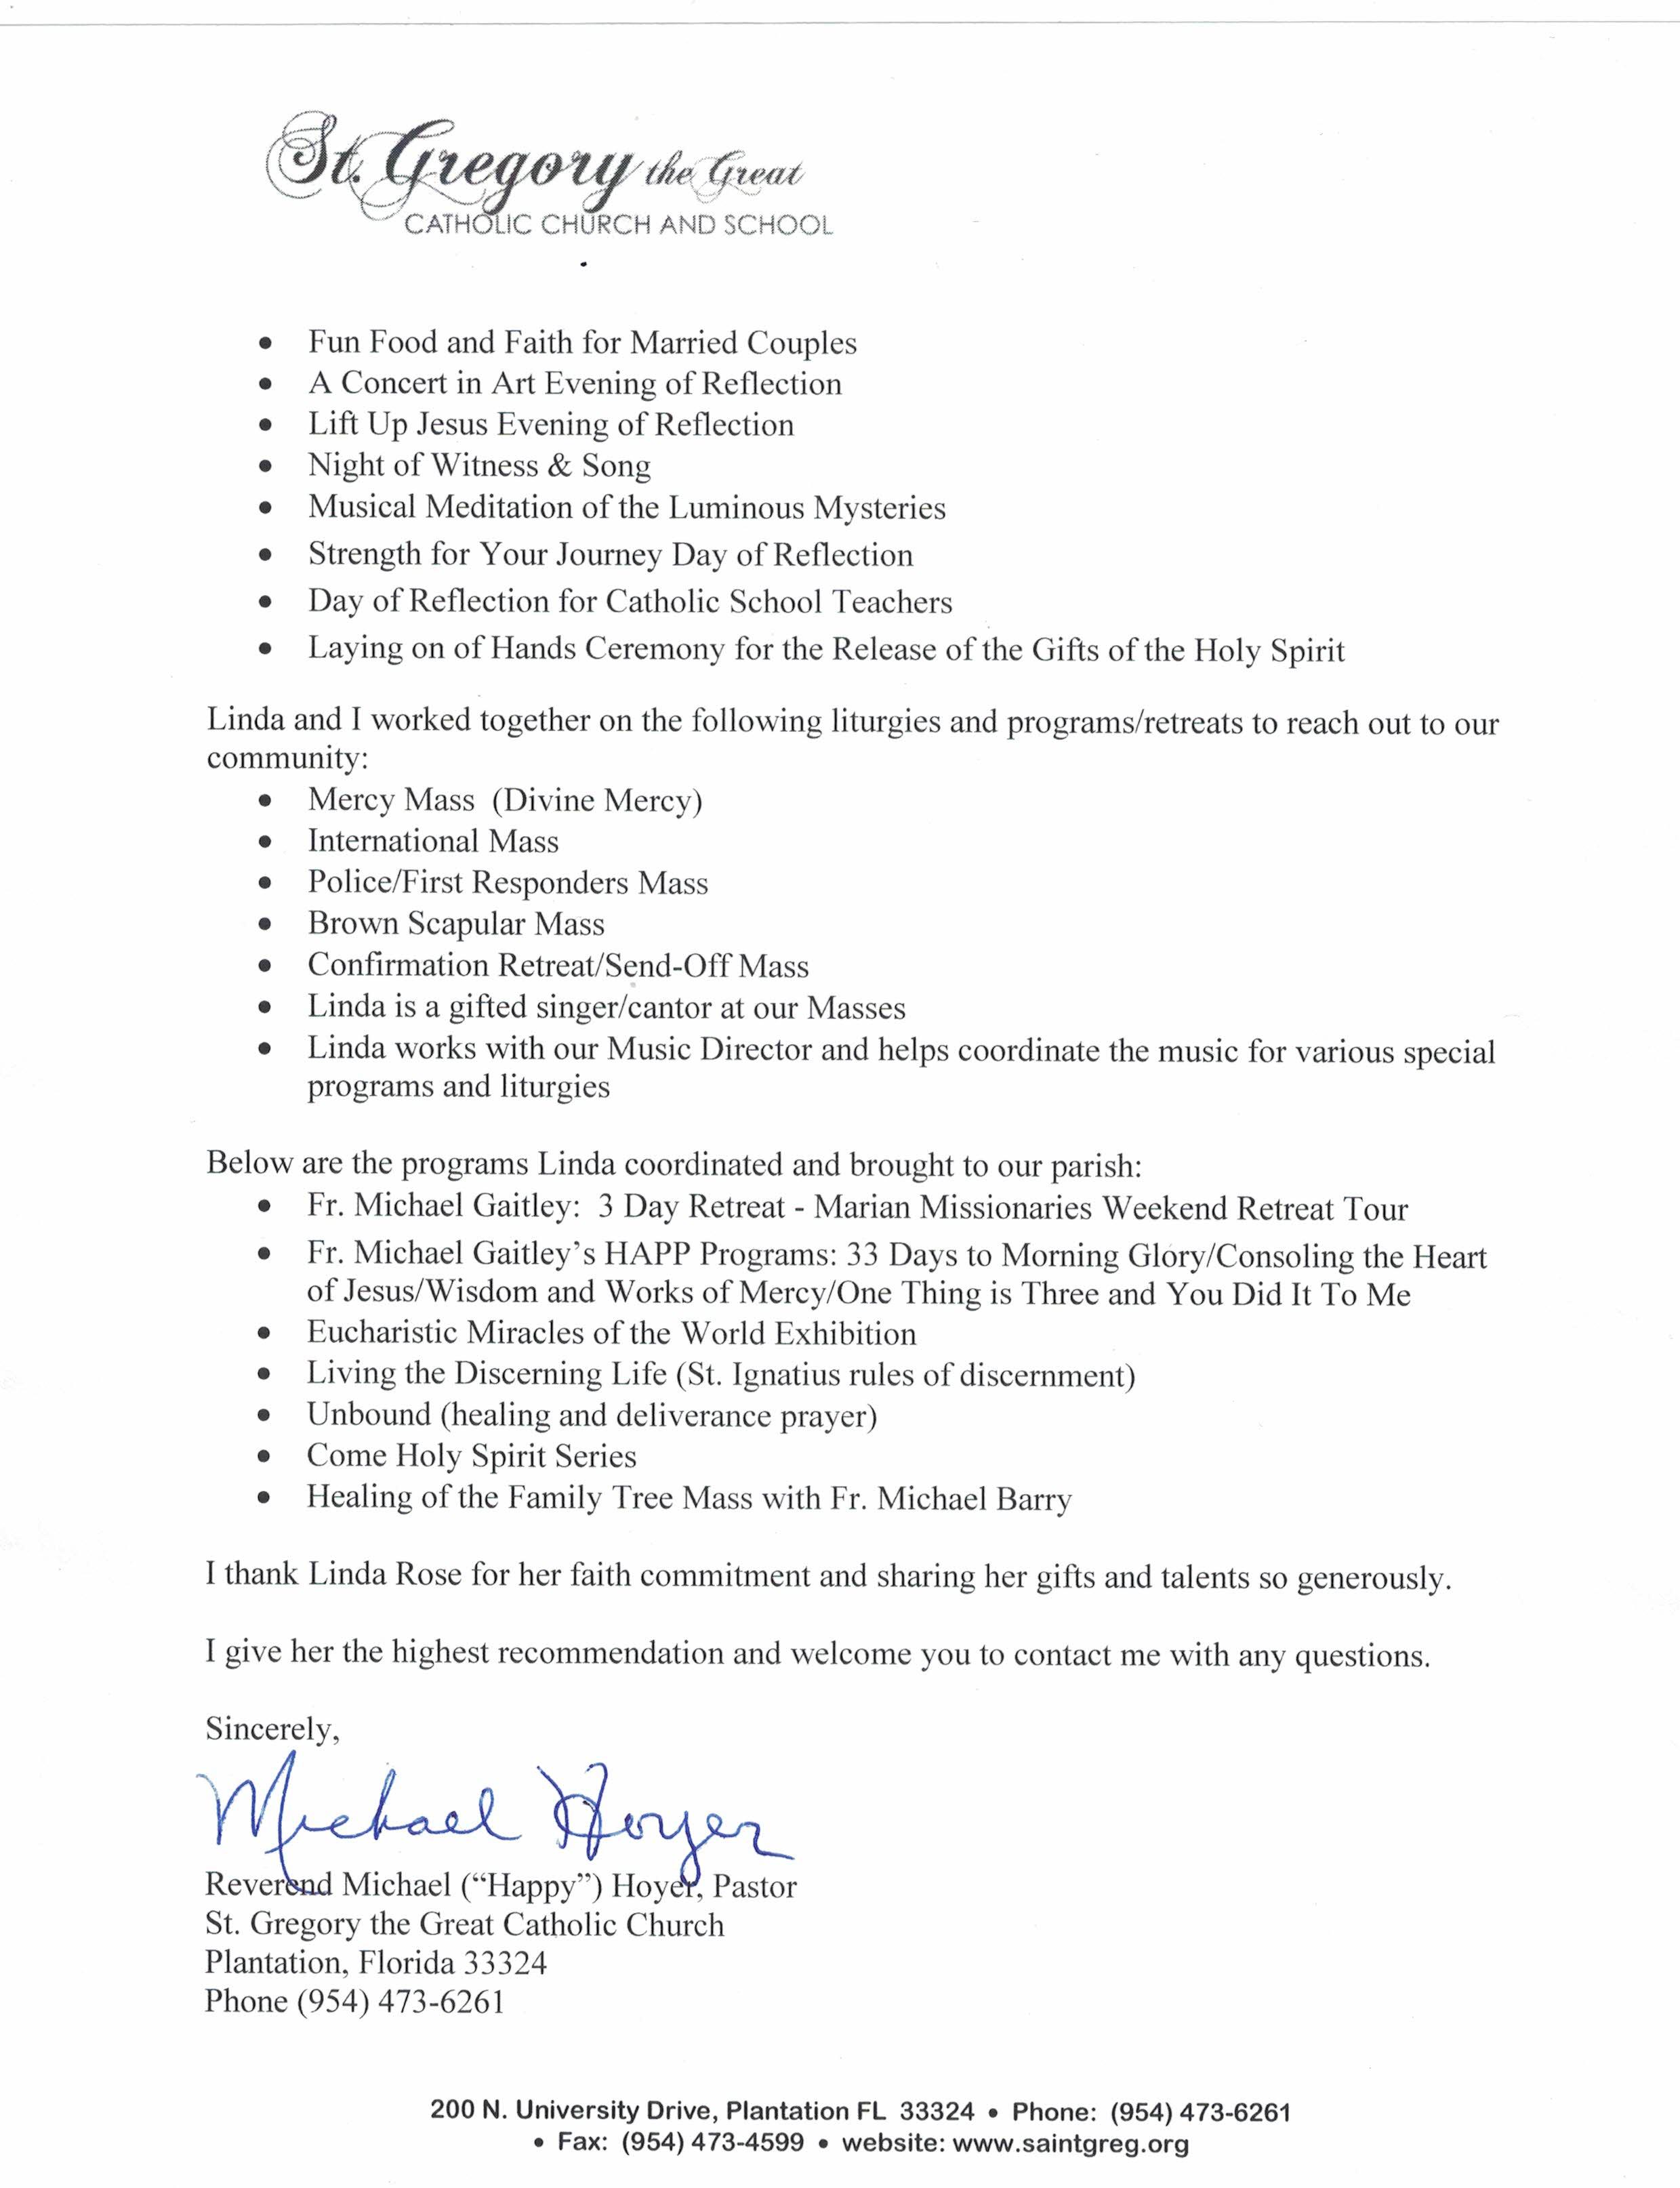 Letter from Pastor pg 2